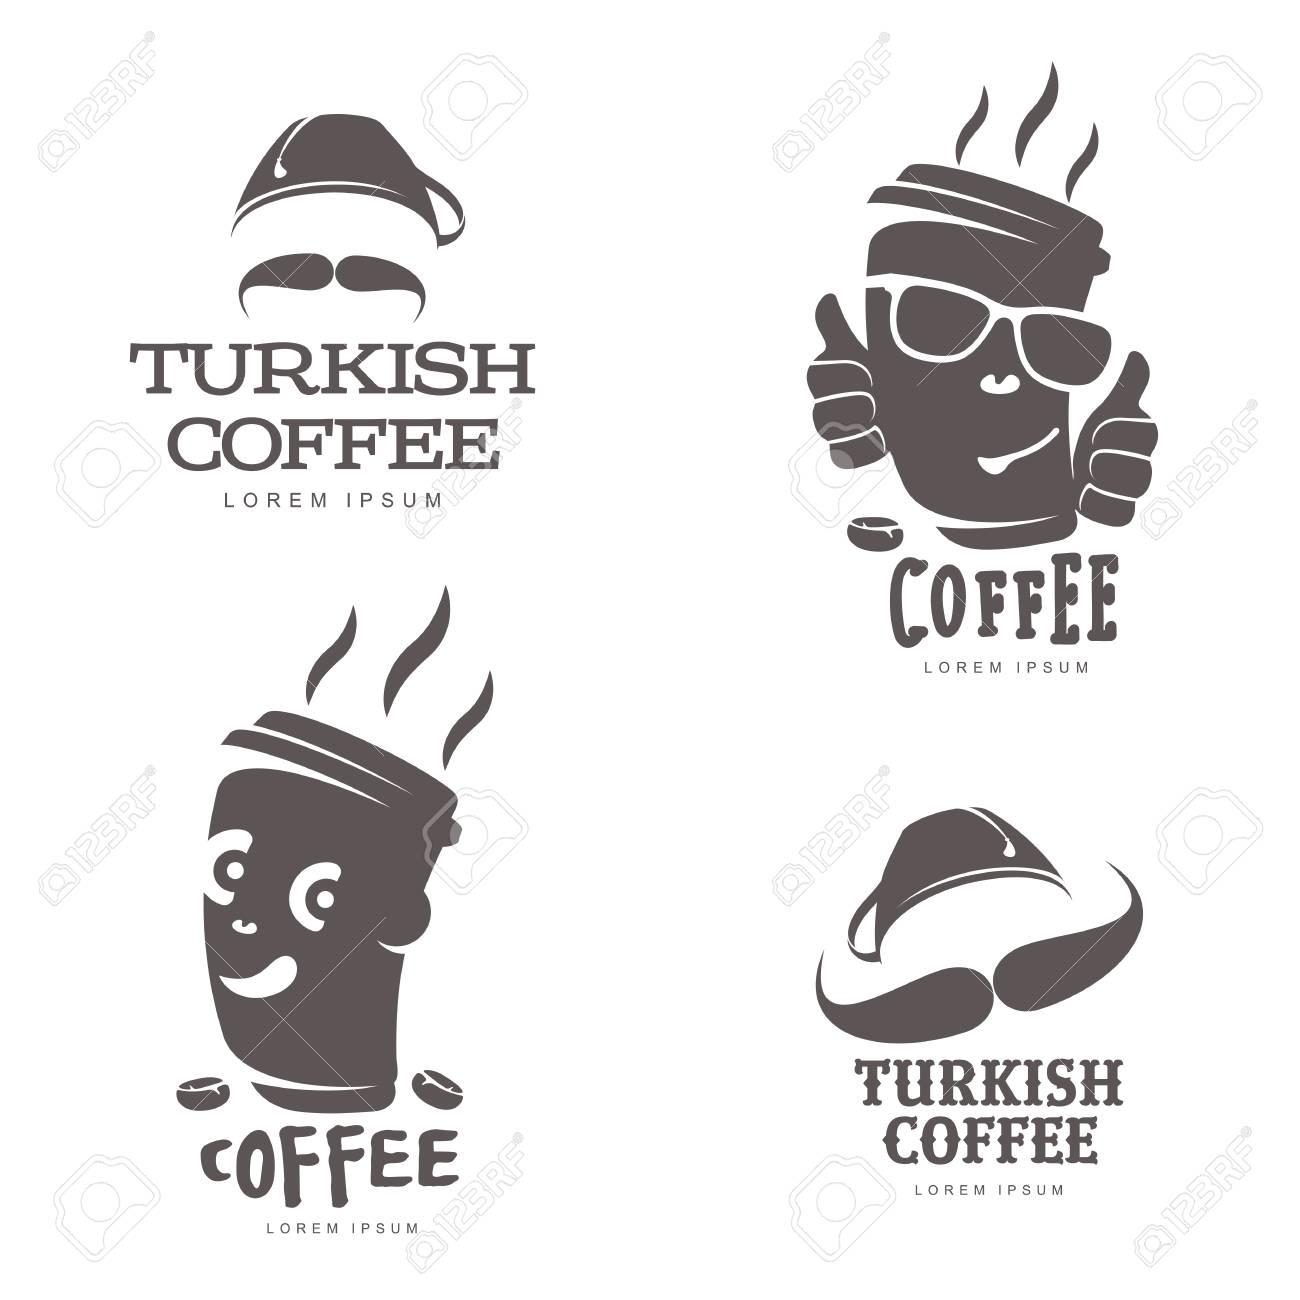 Lujo Plantilla De Dibujo De Turquía Composición - Colección De ...